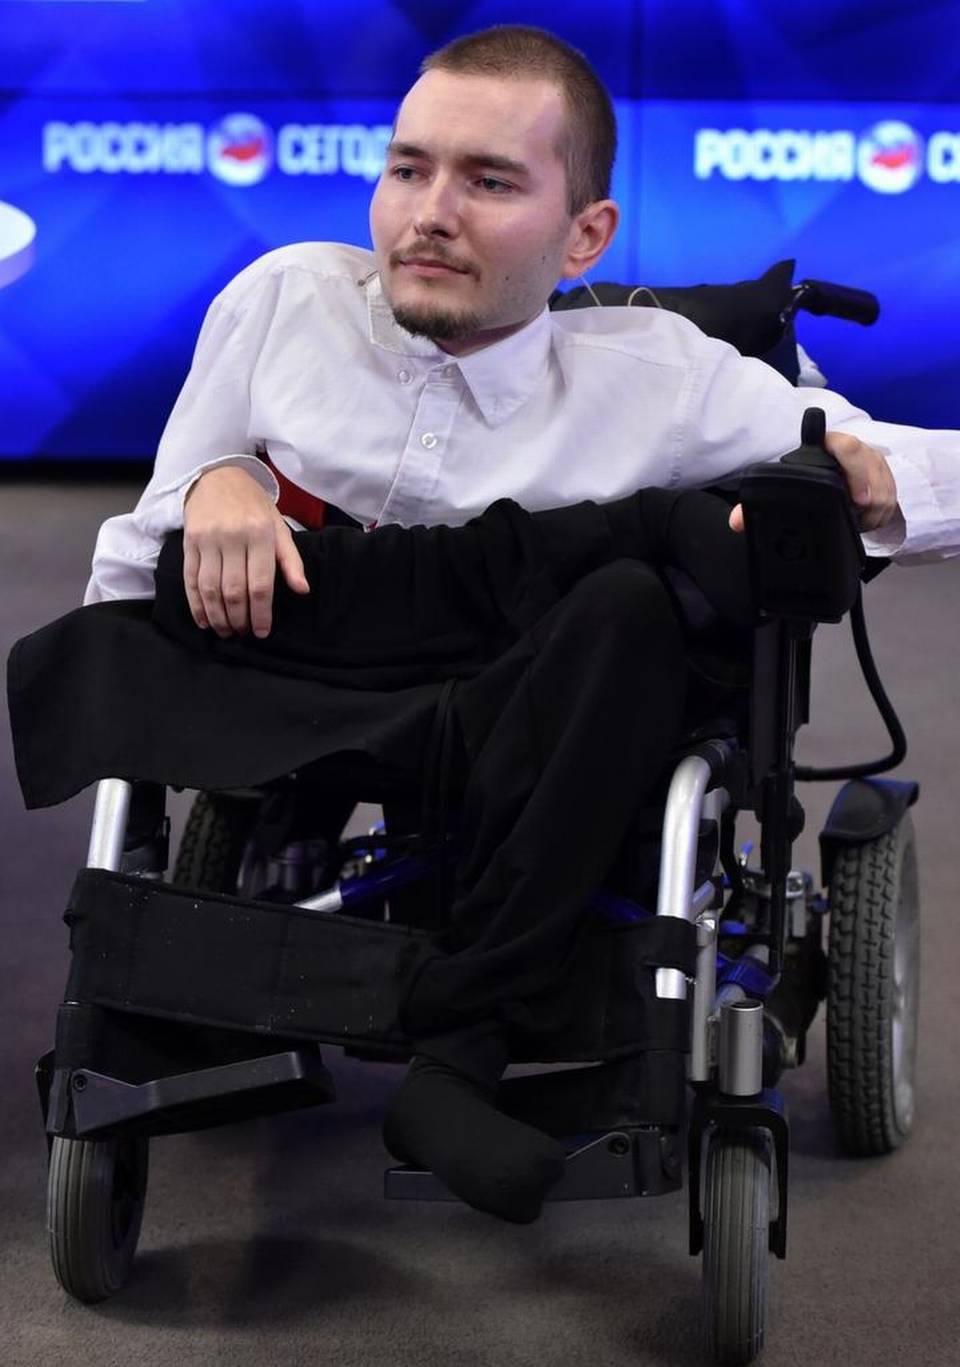 El ruso Valeri Spiridónov, el primer hombre cuya cabeza podría ser trasplantada a un nuevo cuerpo, presentó hoy un proyecto de silla de rueda con piloto automático.